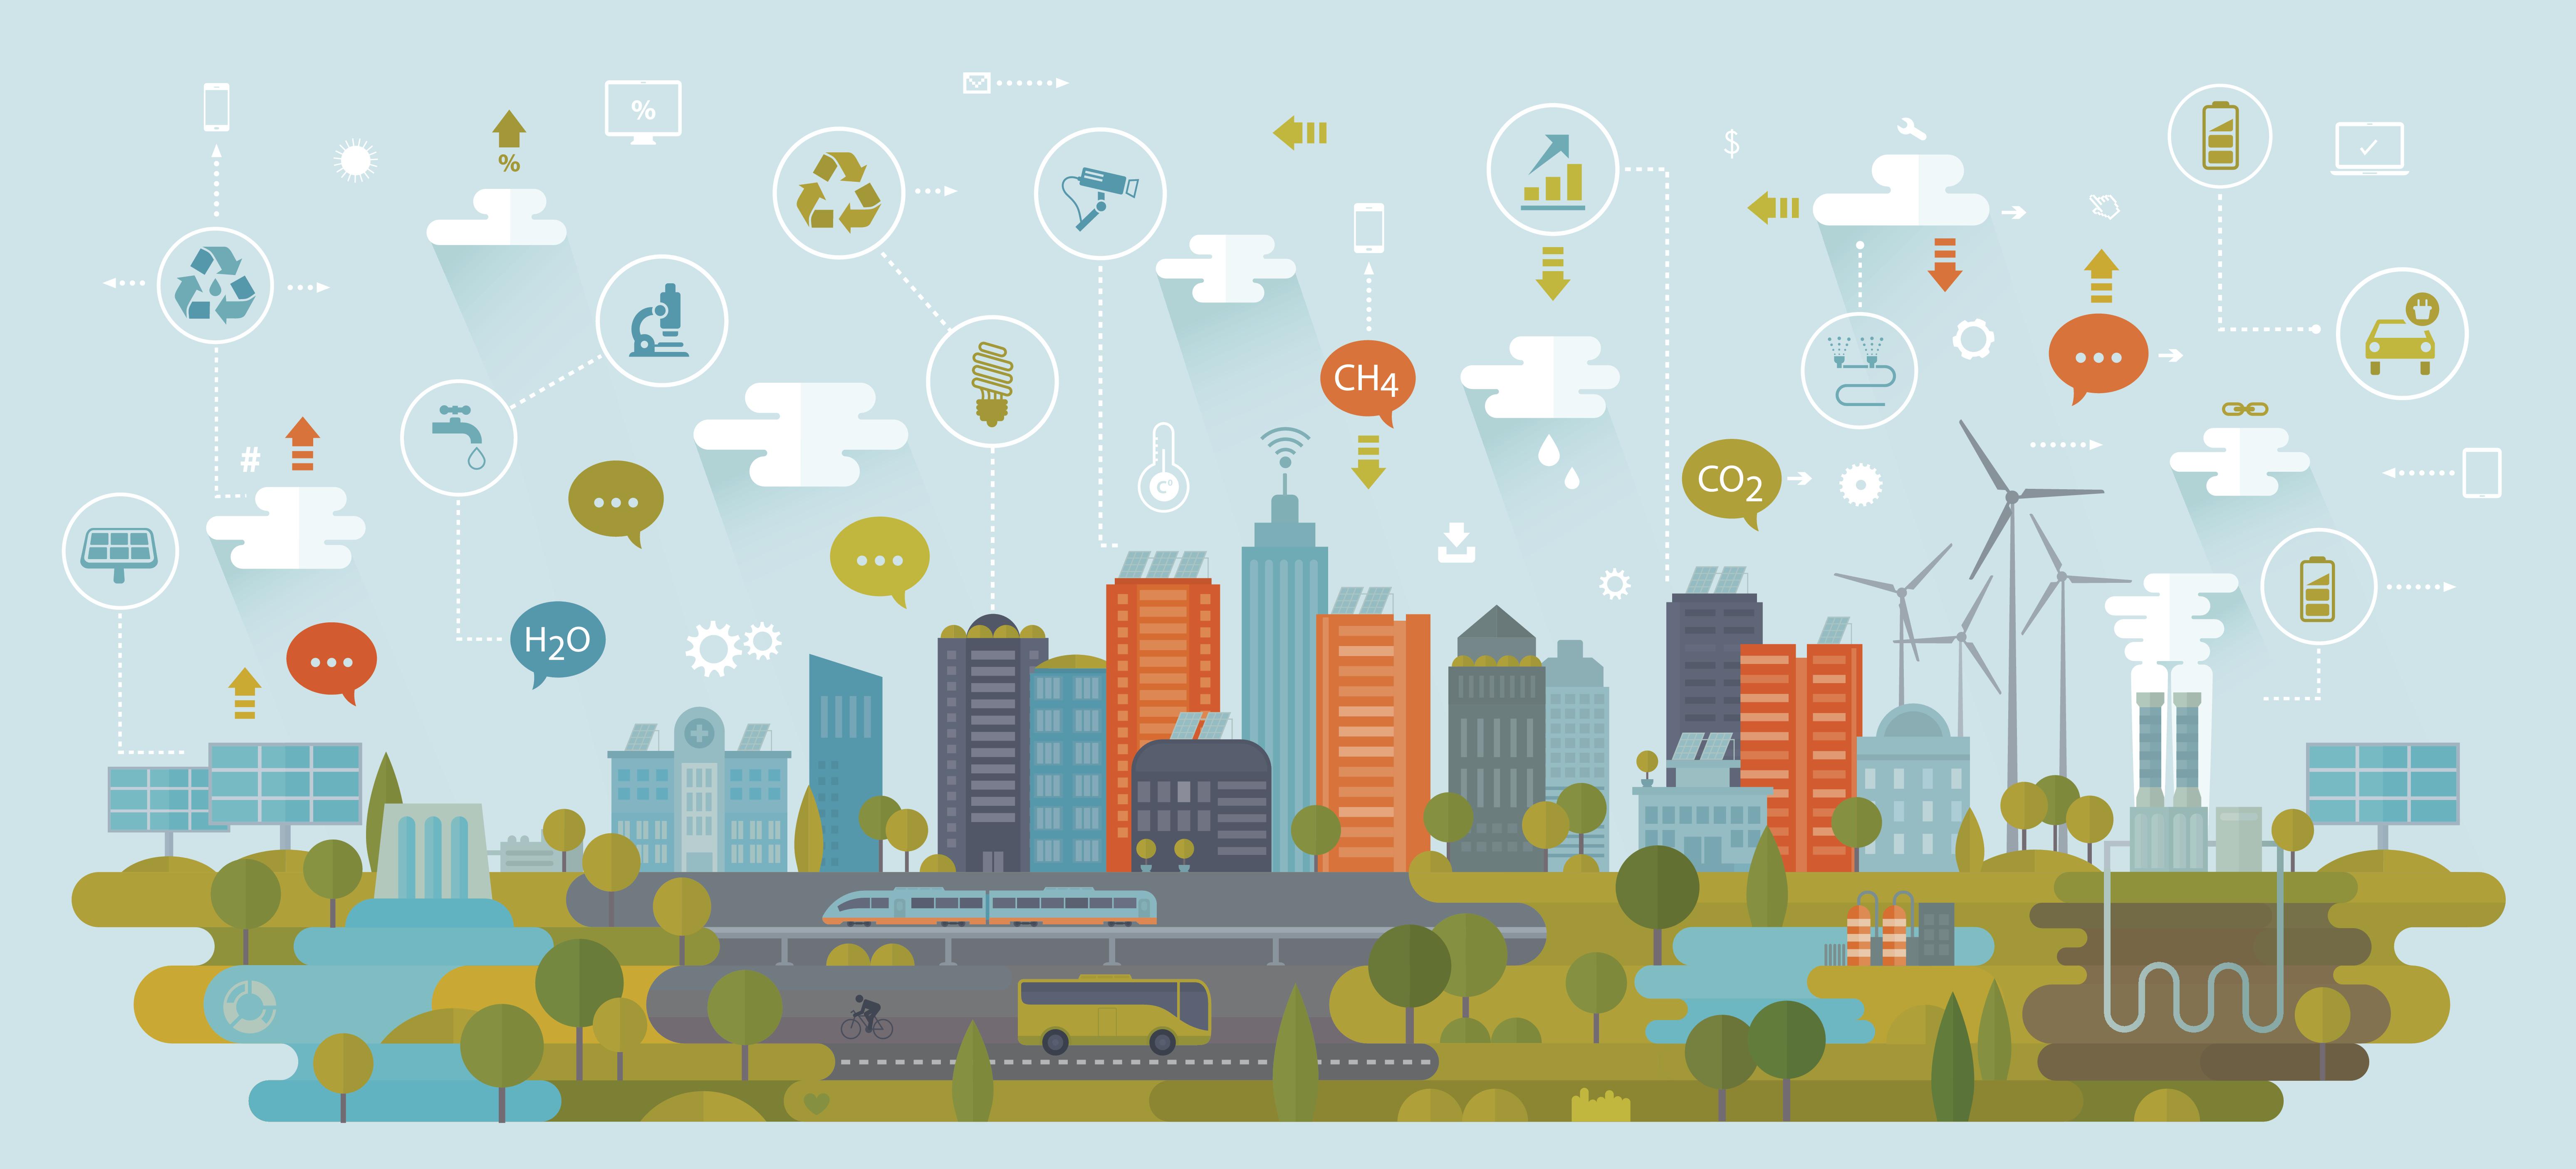 Smart City -verkostoista hyöty irti FCG:n verkostokuvausselvityksen avulla - Kaupunkisuunnittelu.com